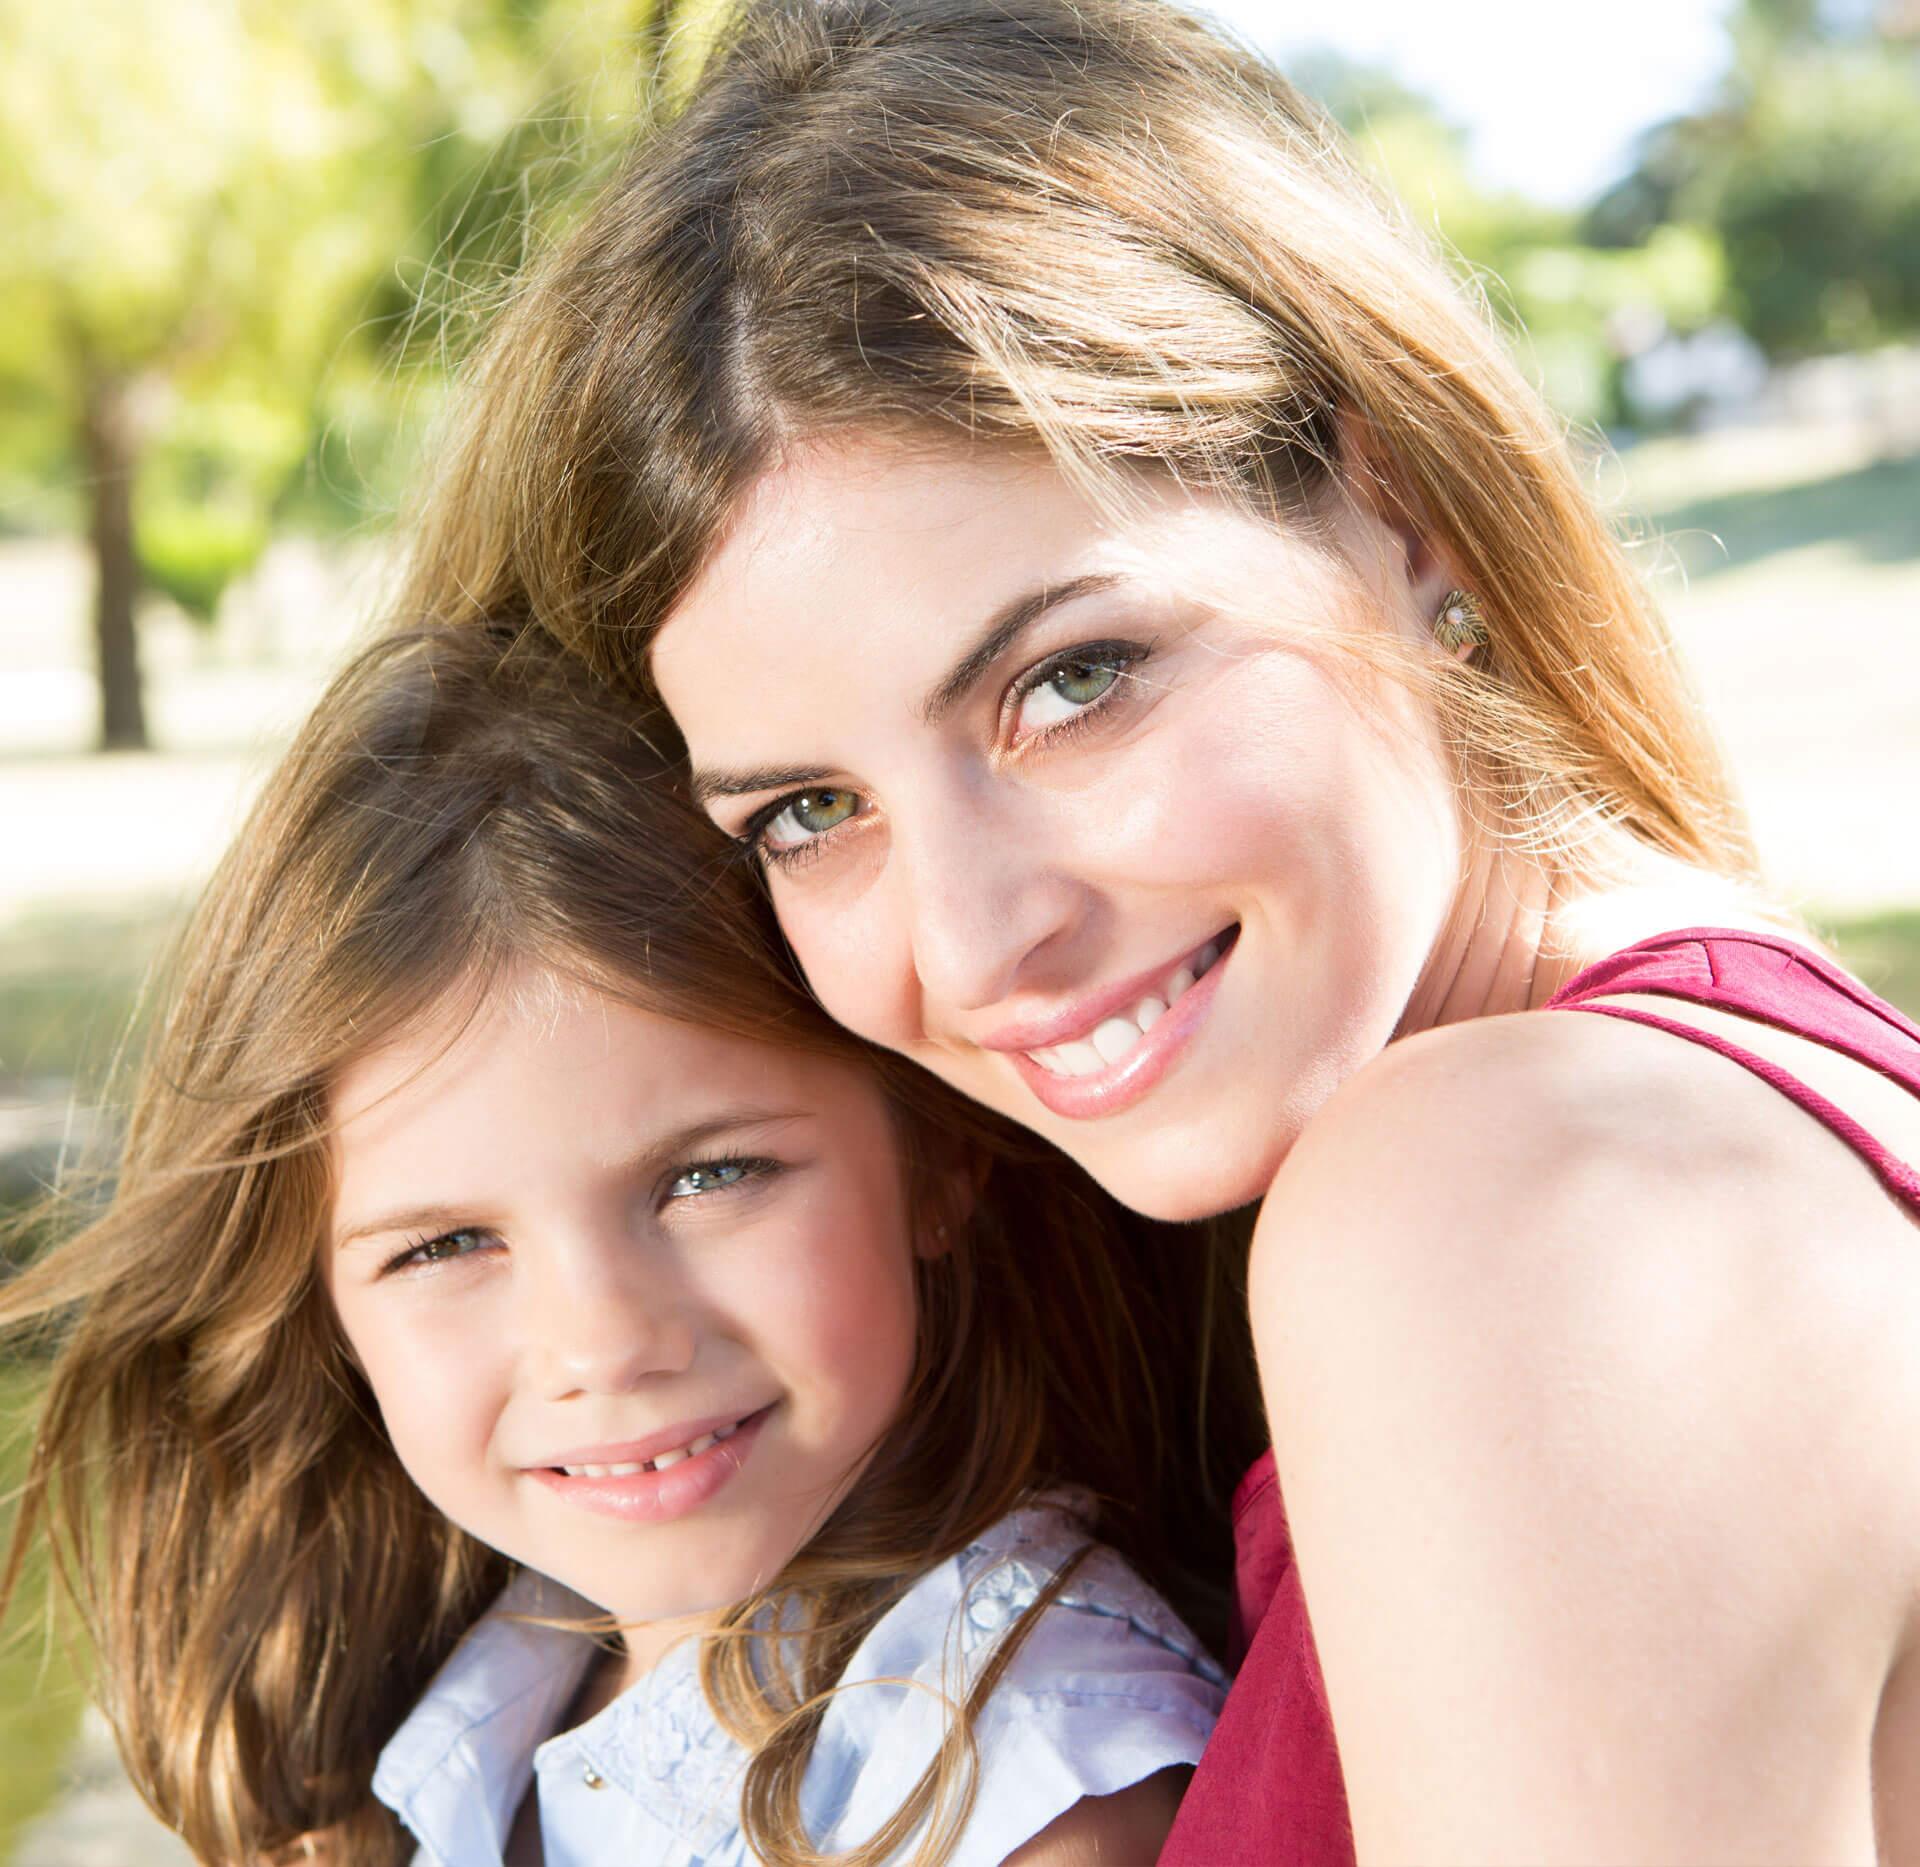 8 lucruri de care are nevoie o fetiță de la mama sa